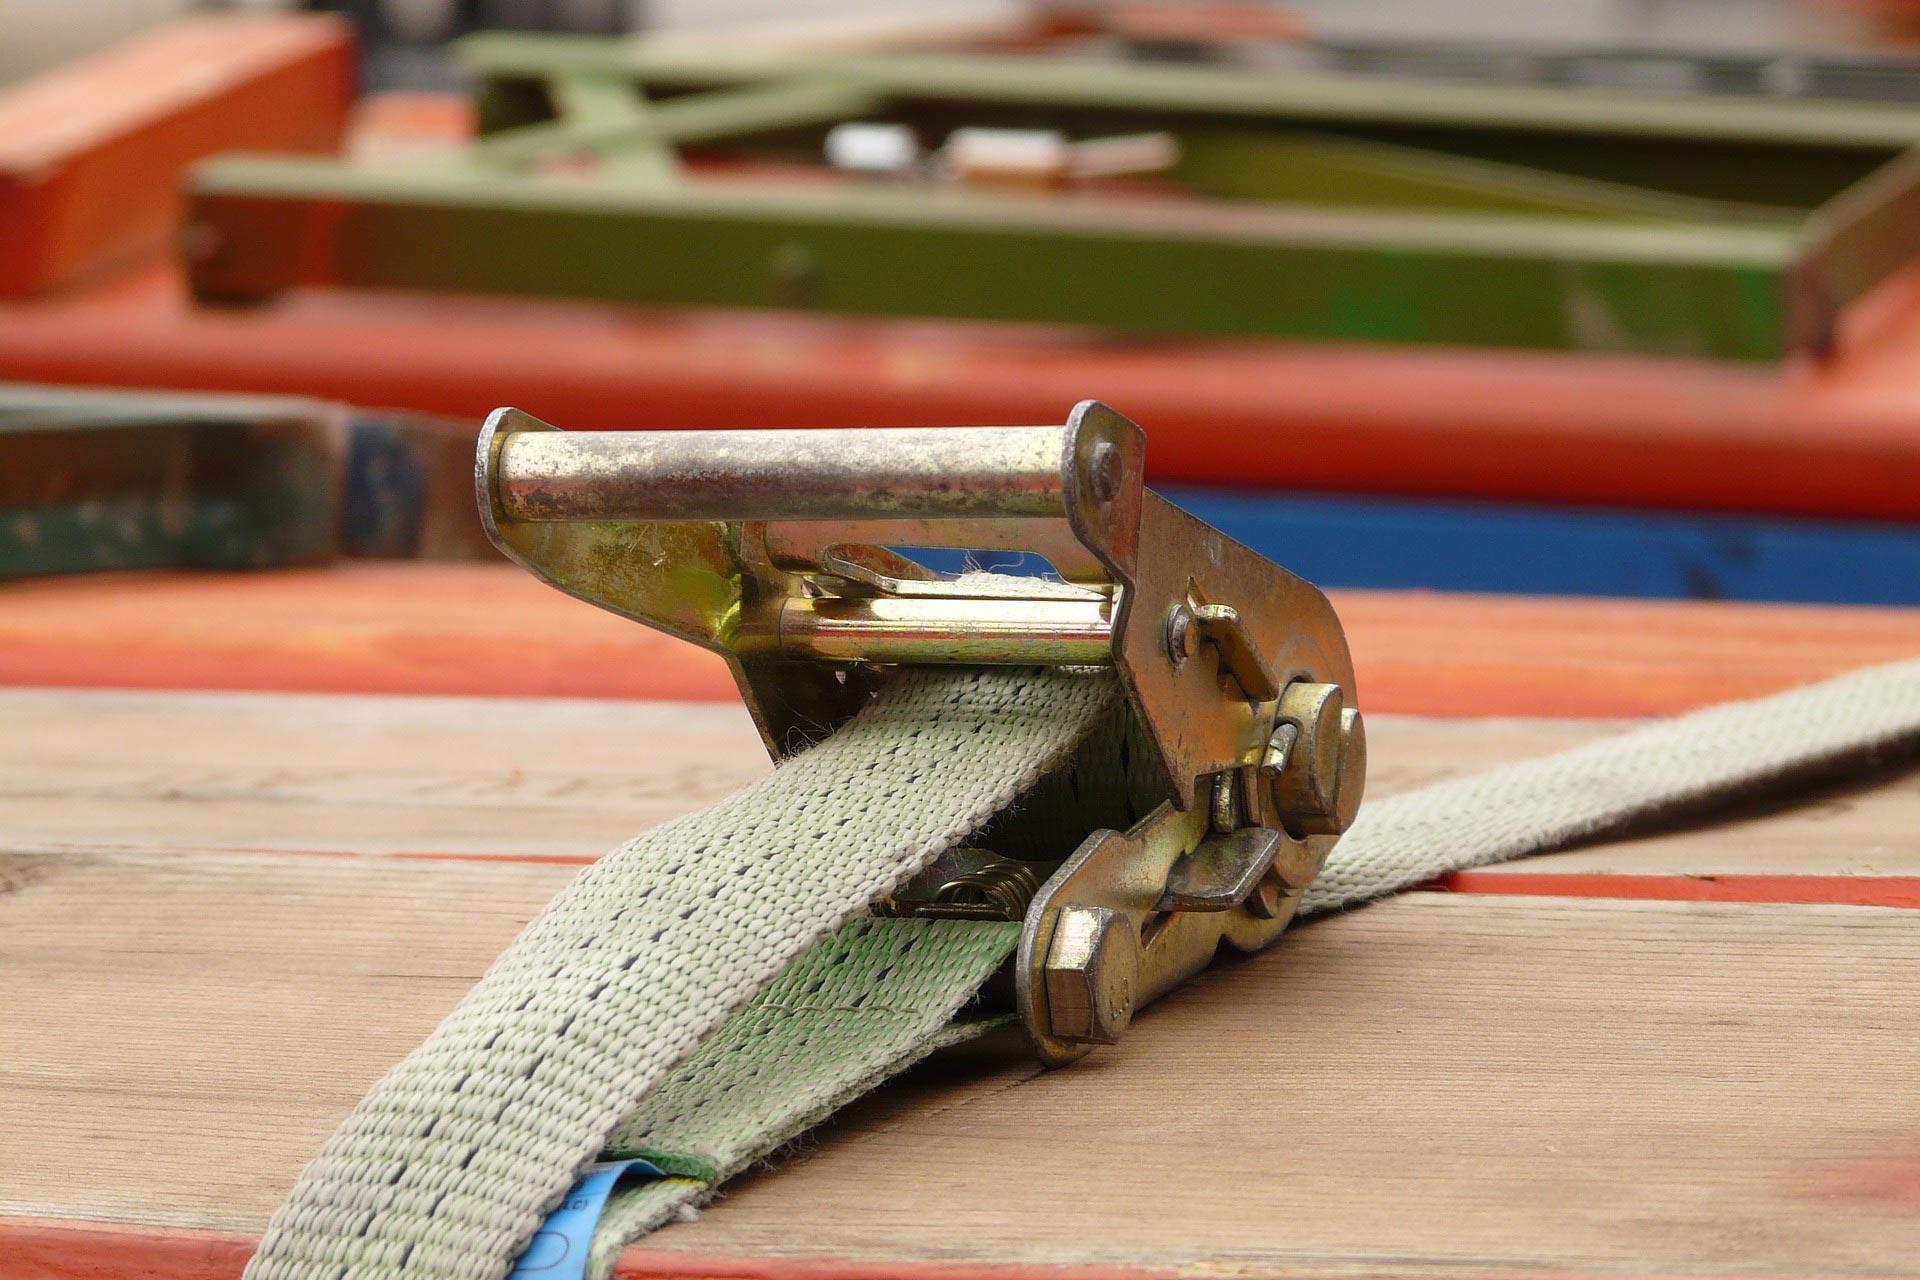 Ladungssicherung Köln, Seminar Ladungssicherung Köln, Flix die Fahrschule, Flix Fahrschule